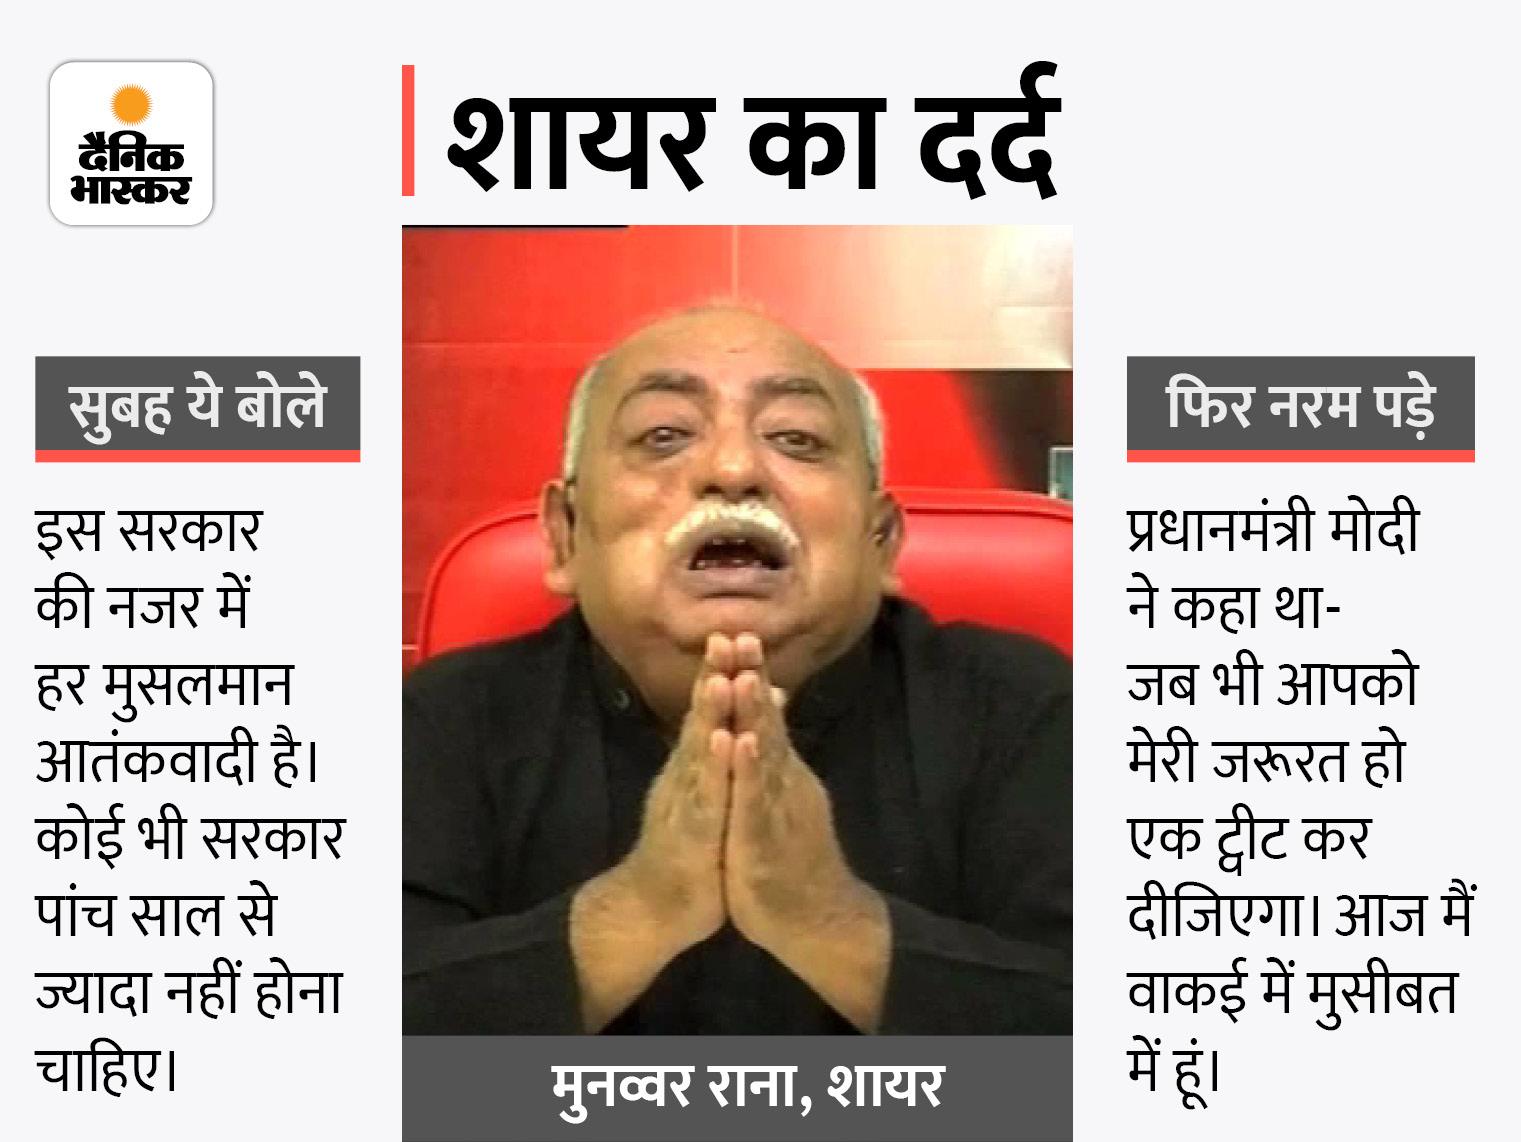 सुबह बोले- सरकार के लिए हर मुसलमान आतंकी; अब PM मोदी से कहा- मेरे रास्ते में जन्नत पड़ रही है, मगर तेरी जरूरत पड़ रही है|लखनऊ,Lucknow - Dainik Bhaskar